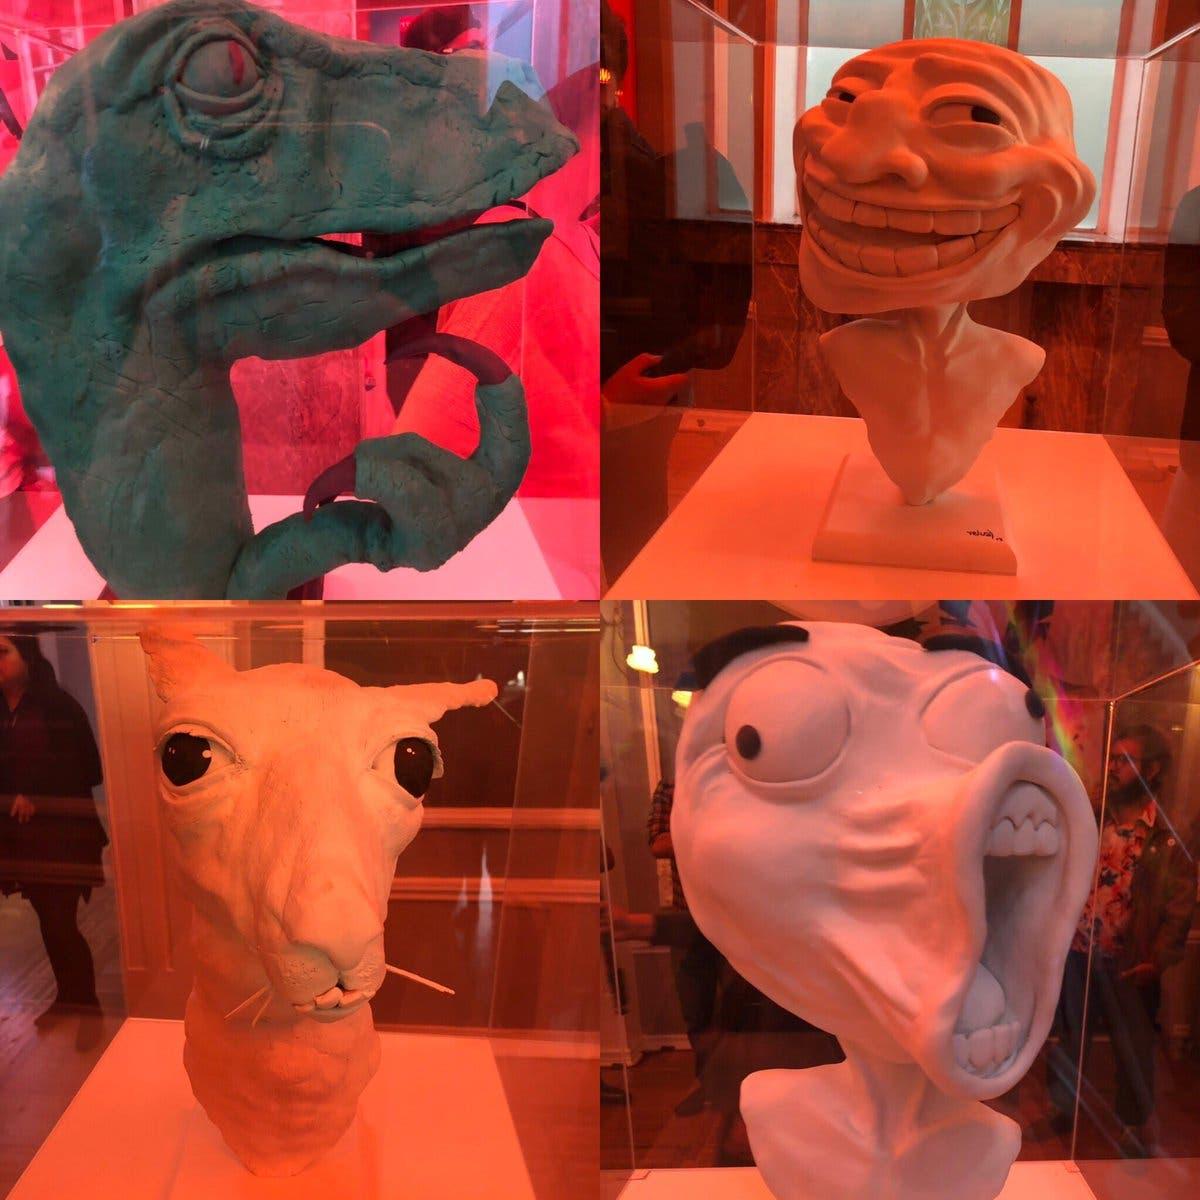 ¡Aunque usted no lo crea! Hay Museo del Meme en México